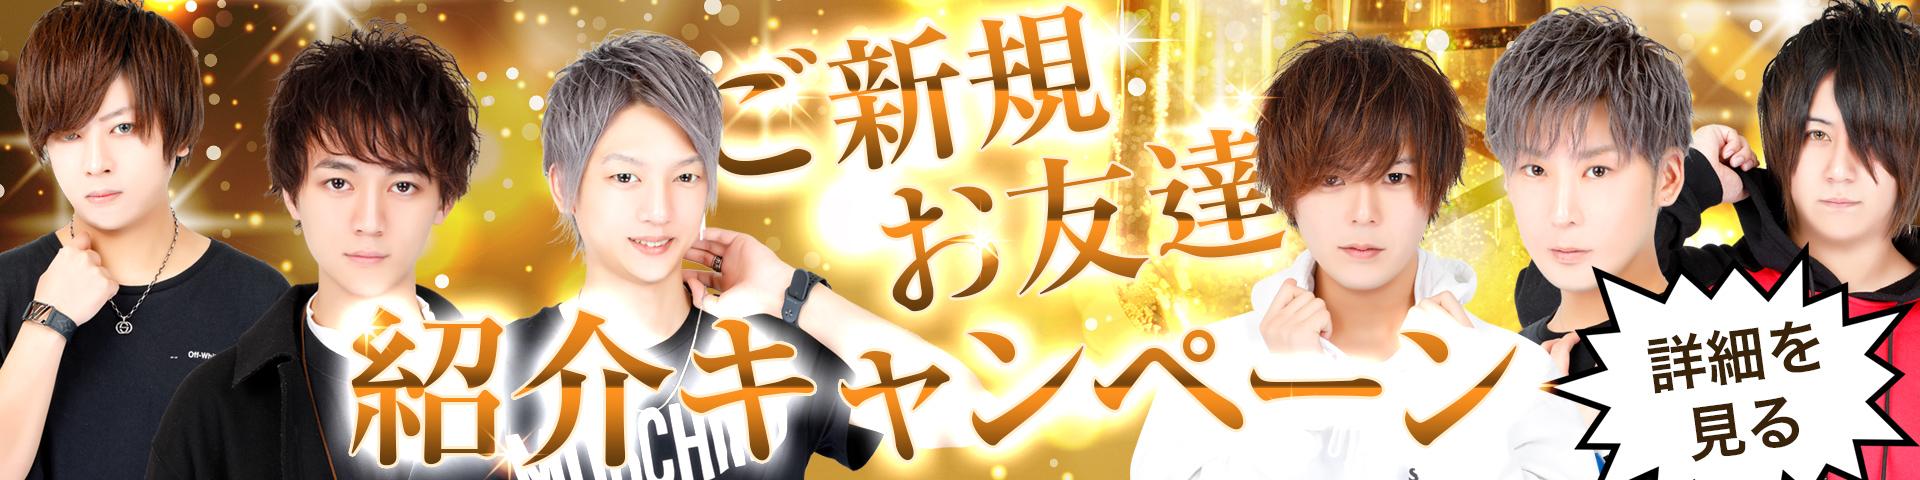 岡山ホストクラブRESULTキャンペーン